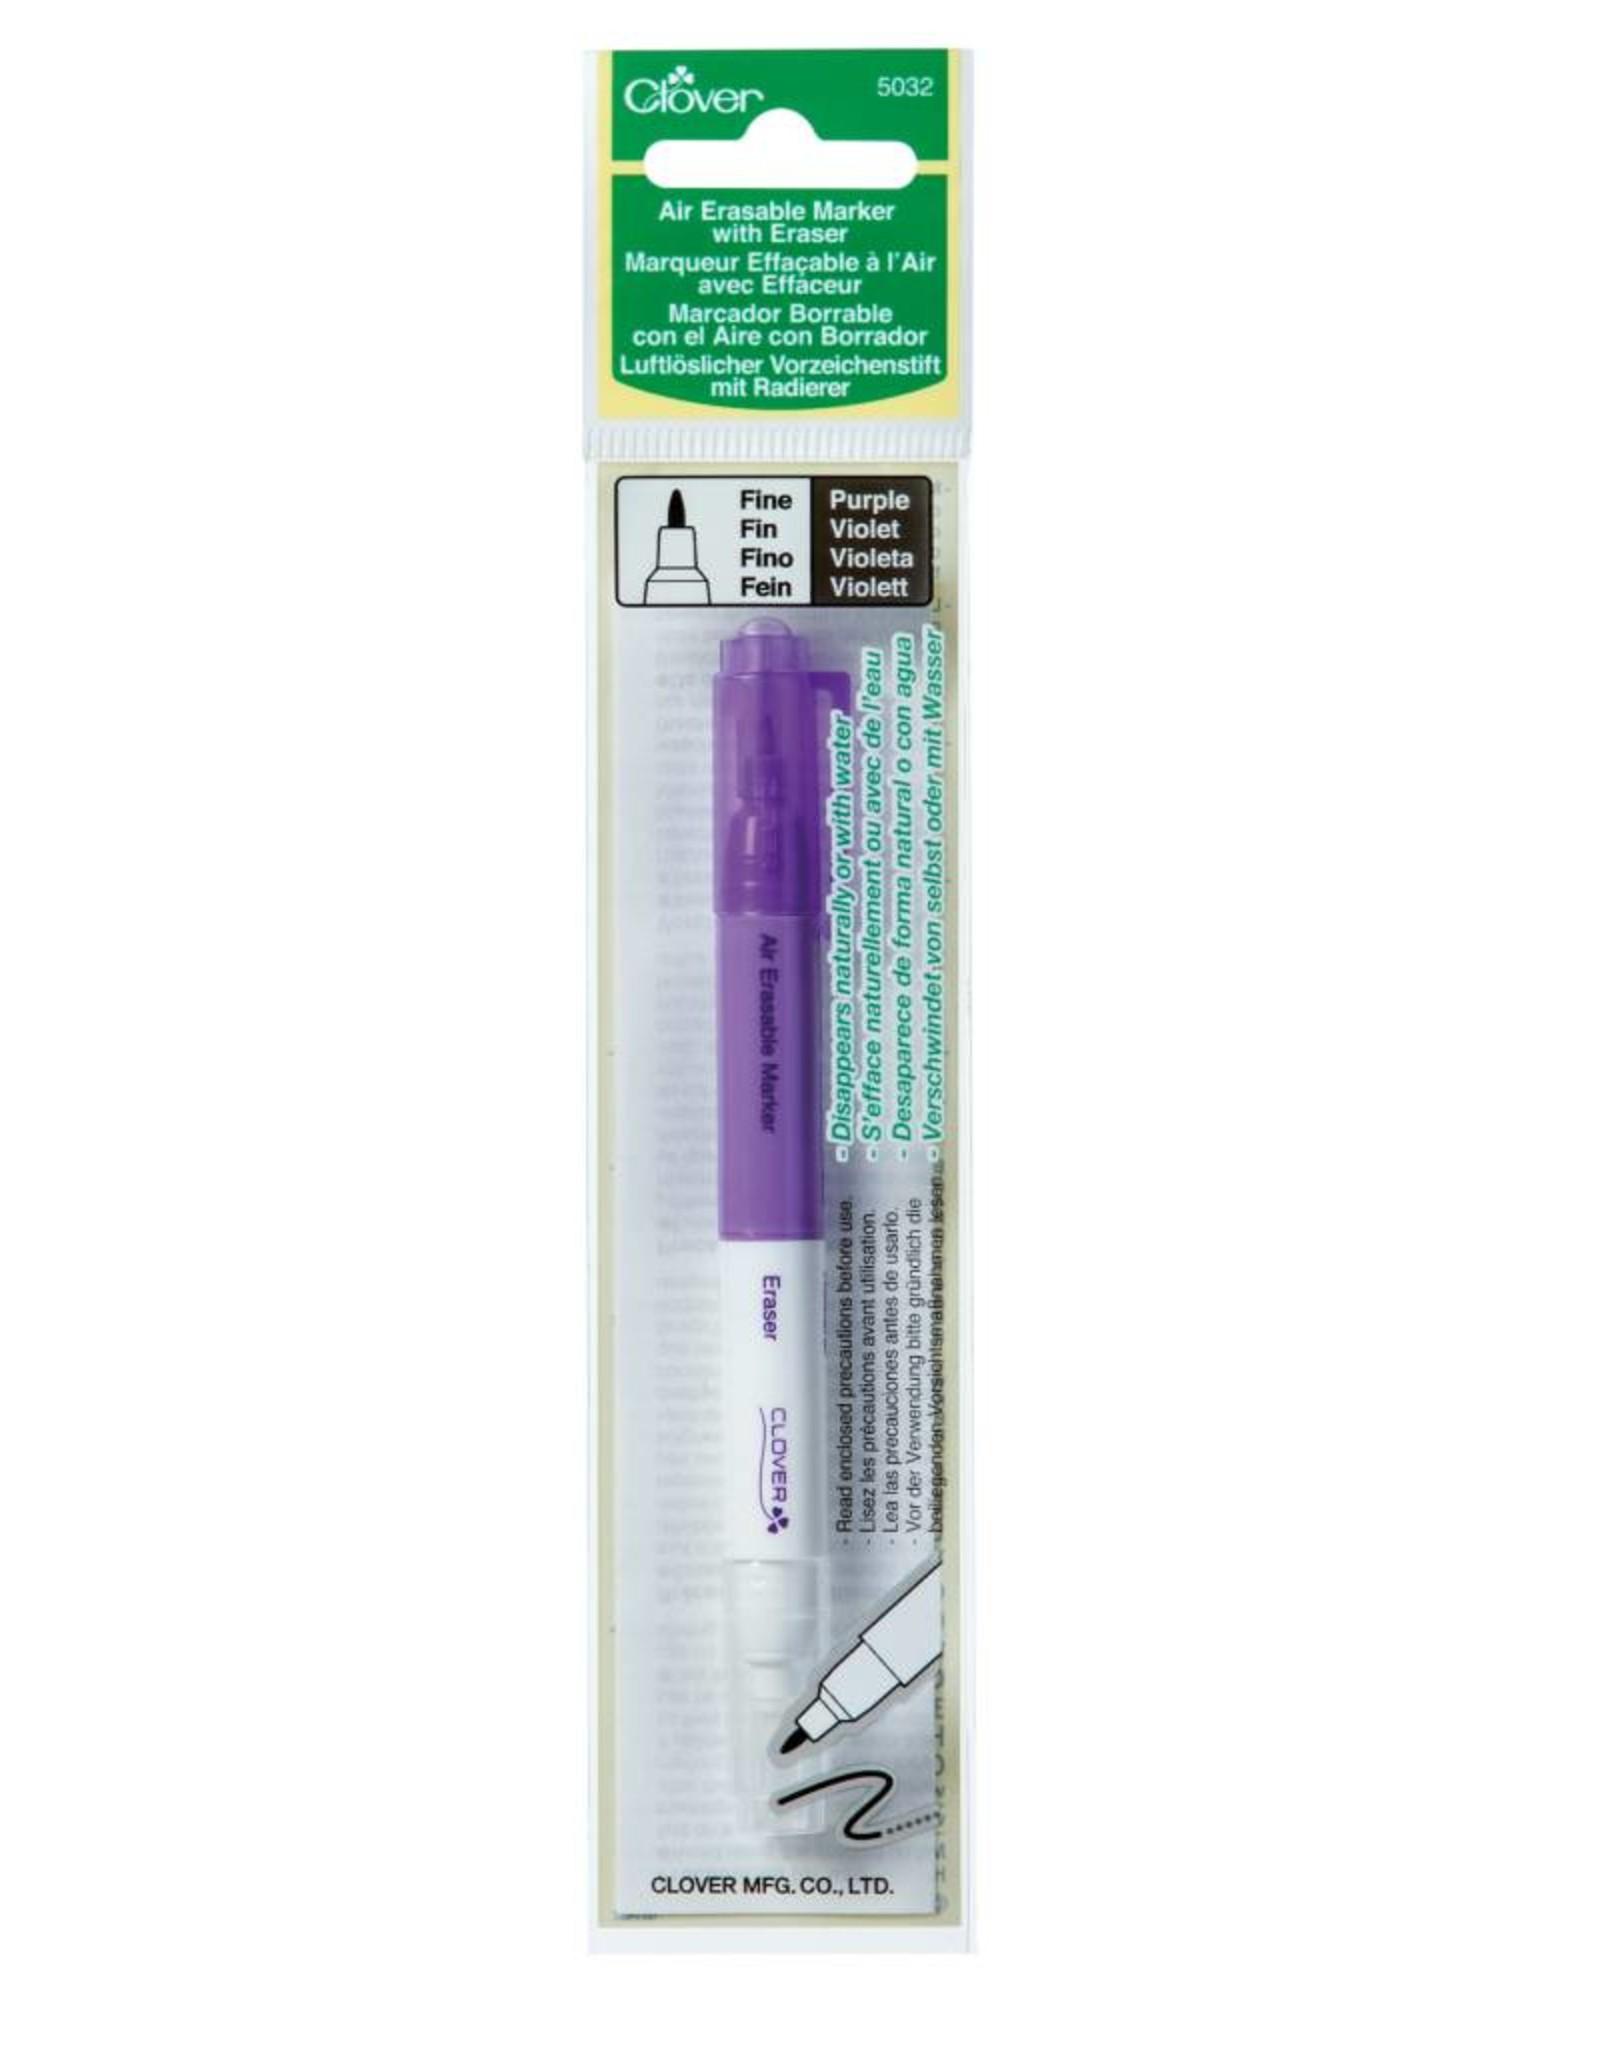 Clover Air Erasable Marker with Eraser - Paars (4-14 dagen)